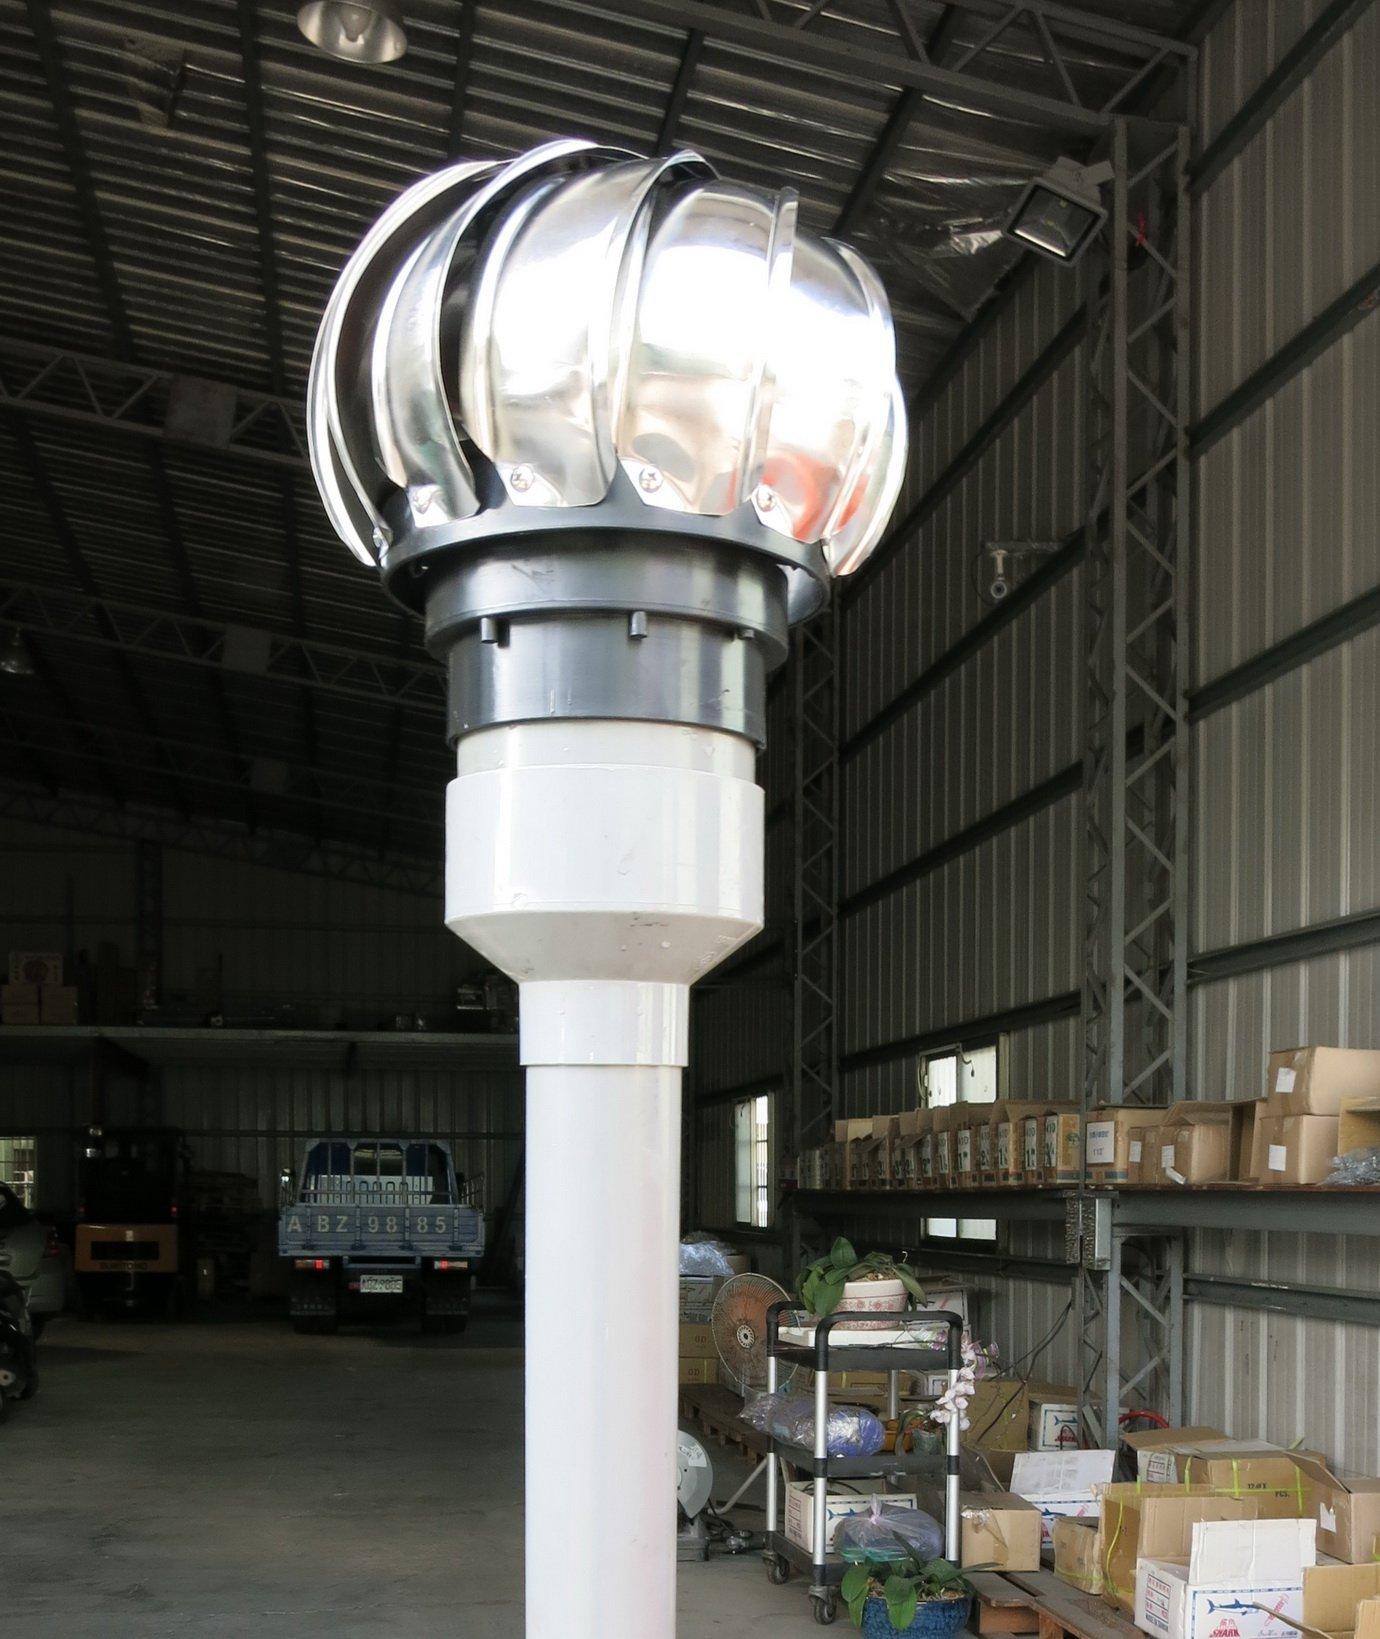 §排風專家§ 4 5 304不鏽鋼通風球  可轉配2吋~3吋水管 排風球, 適用於 浴室 廁所 大樓通風管